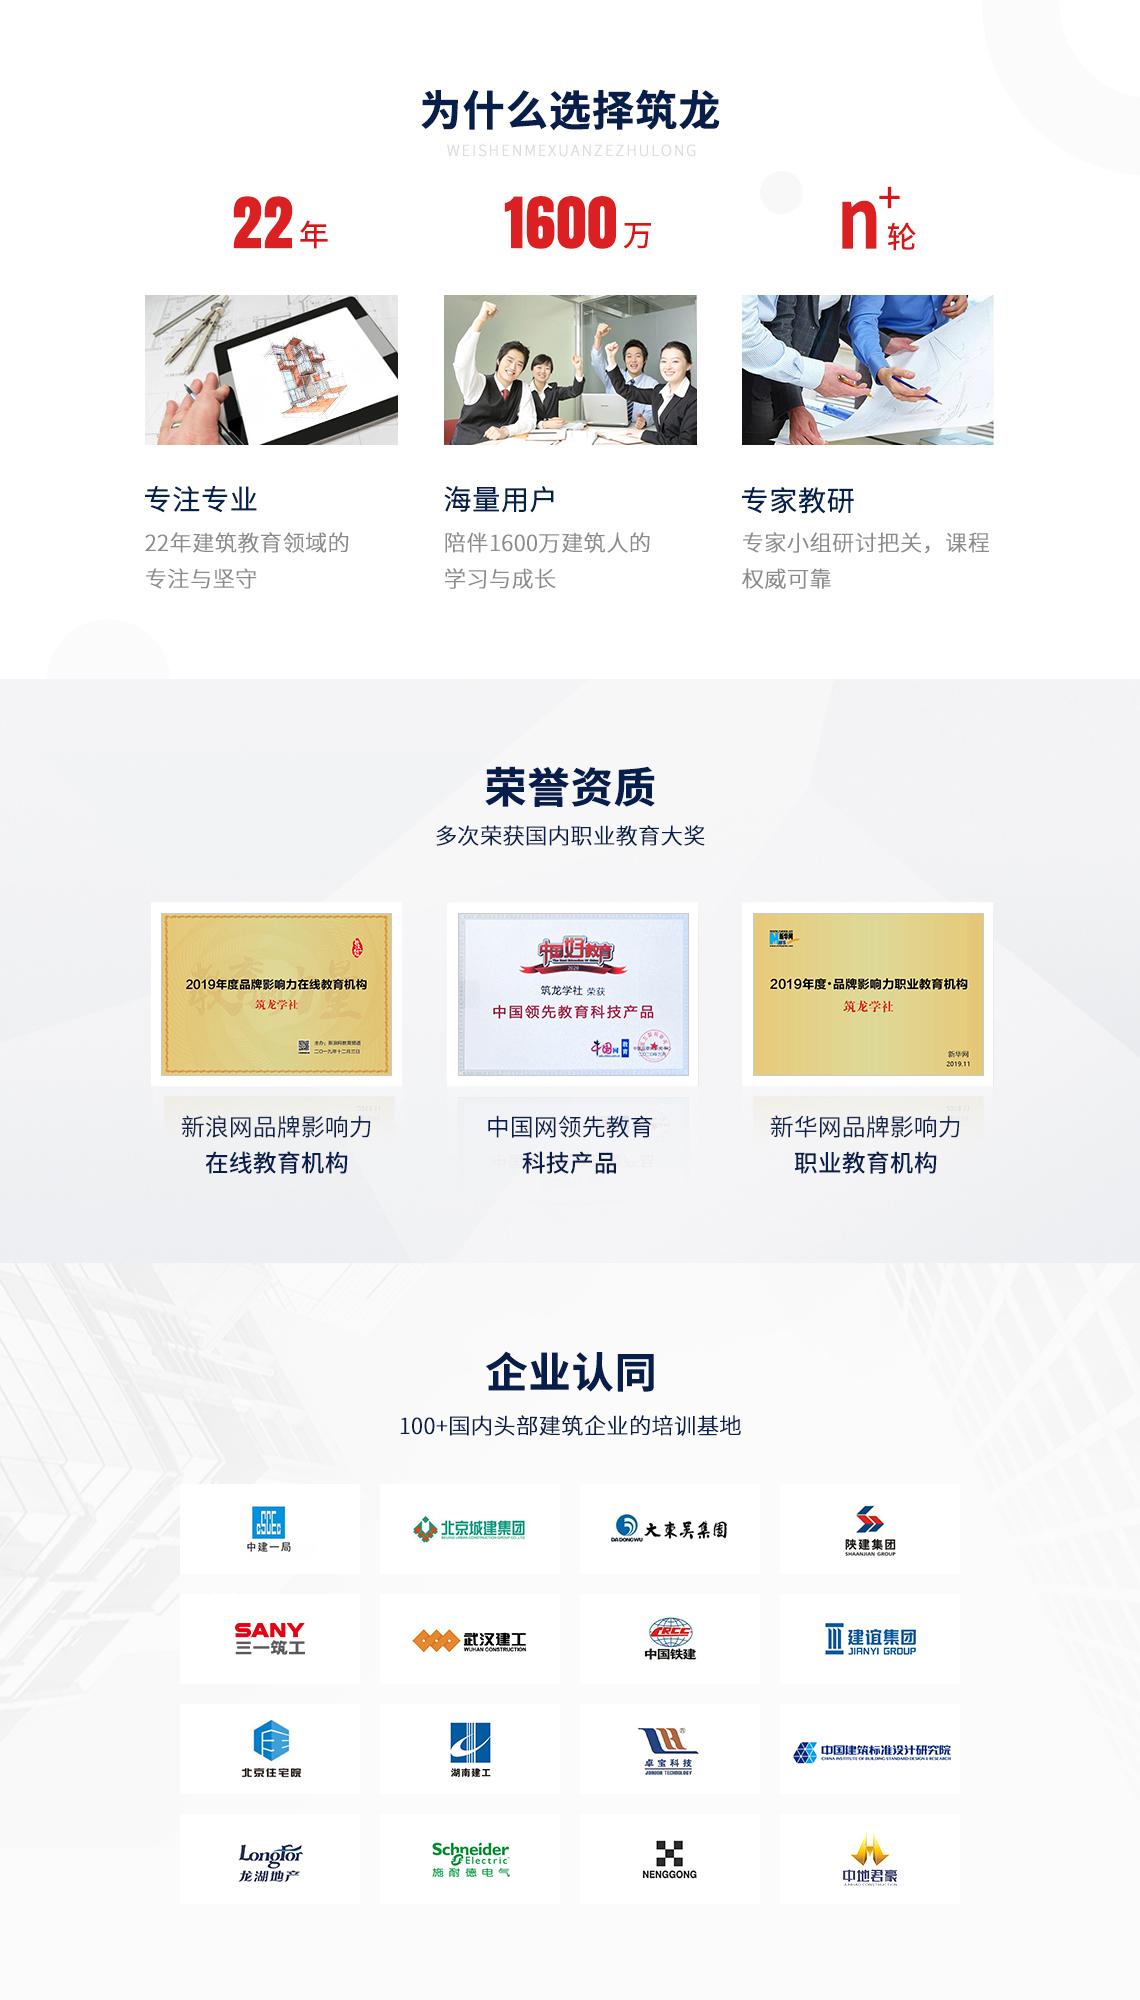 筑龍網是中國圖學學會指定全國BIM等級考試培訓中心,通過學習可以拿到人社部和中國圖學學會雙證書。